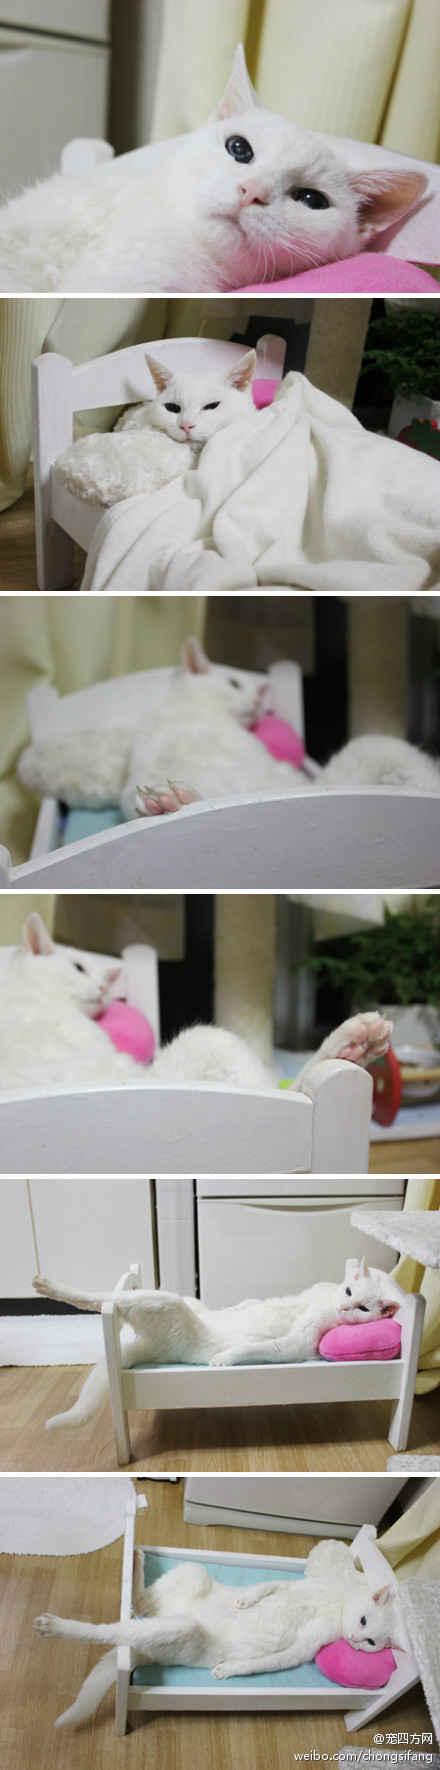 这只可爱的白猫叫做SUEKO,来自日本,她已经20岁了哟,她出生在1992年4月25日,她的主人非常爱她,定期带她检查身体,把她打扮的干干净净,她还有自己专用的小床,小枕头,小被子。她的睡姿是不是很销魂?